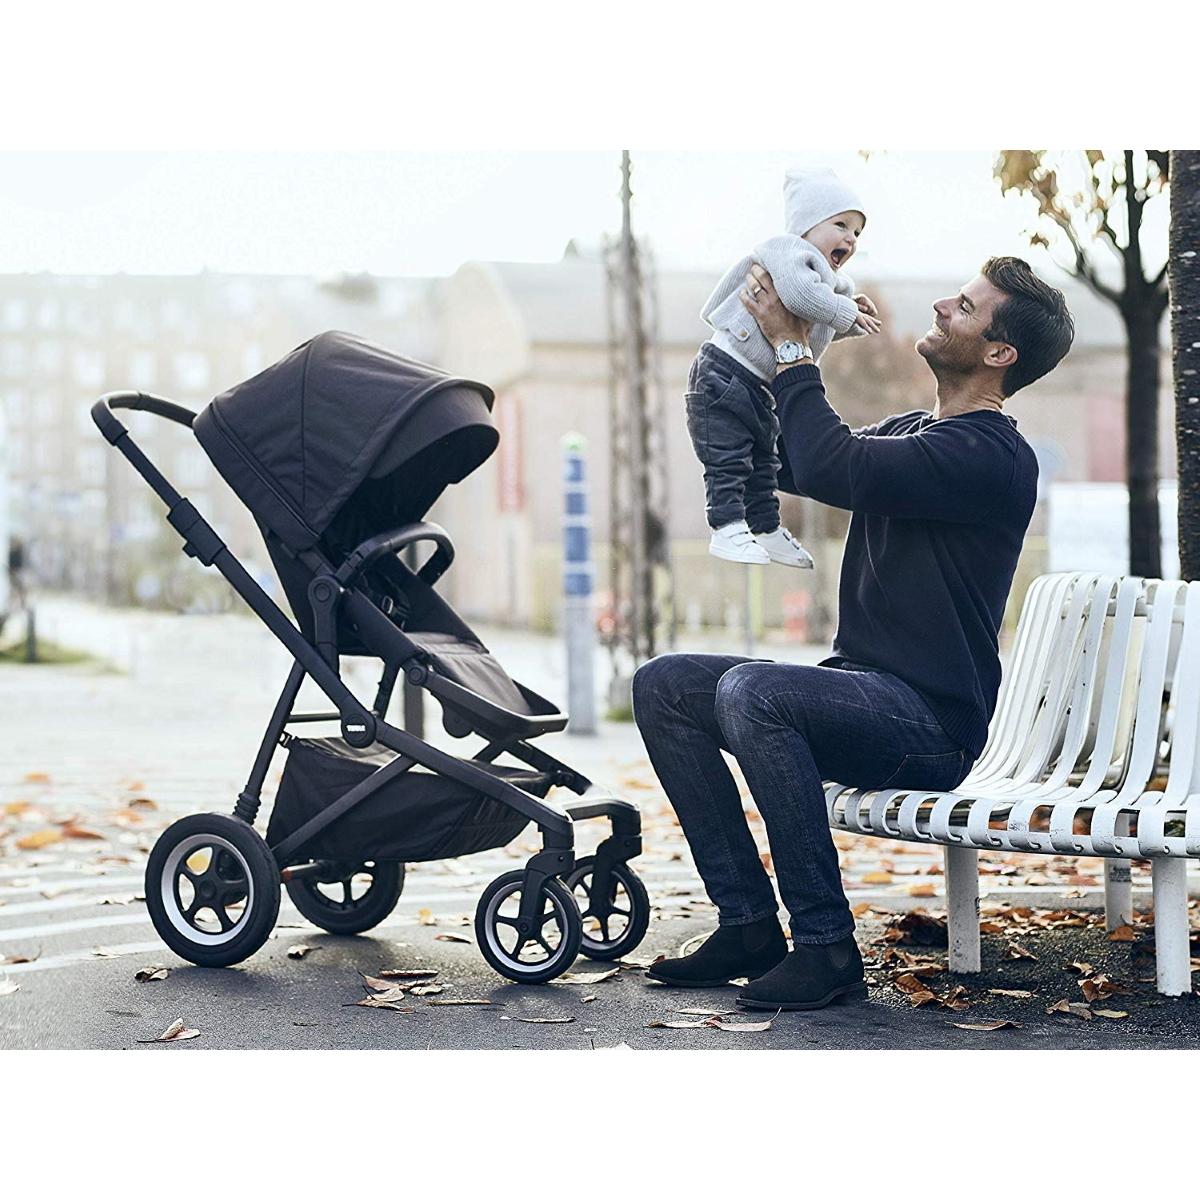 Carro bebé Thule Sleek Baby Stroller